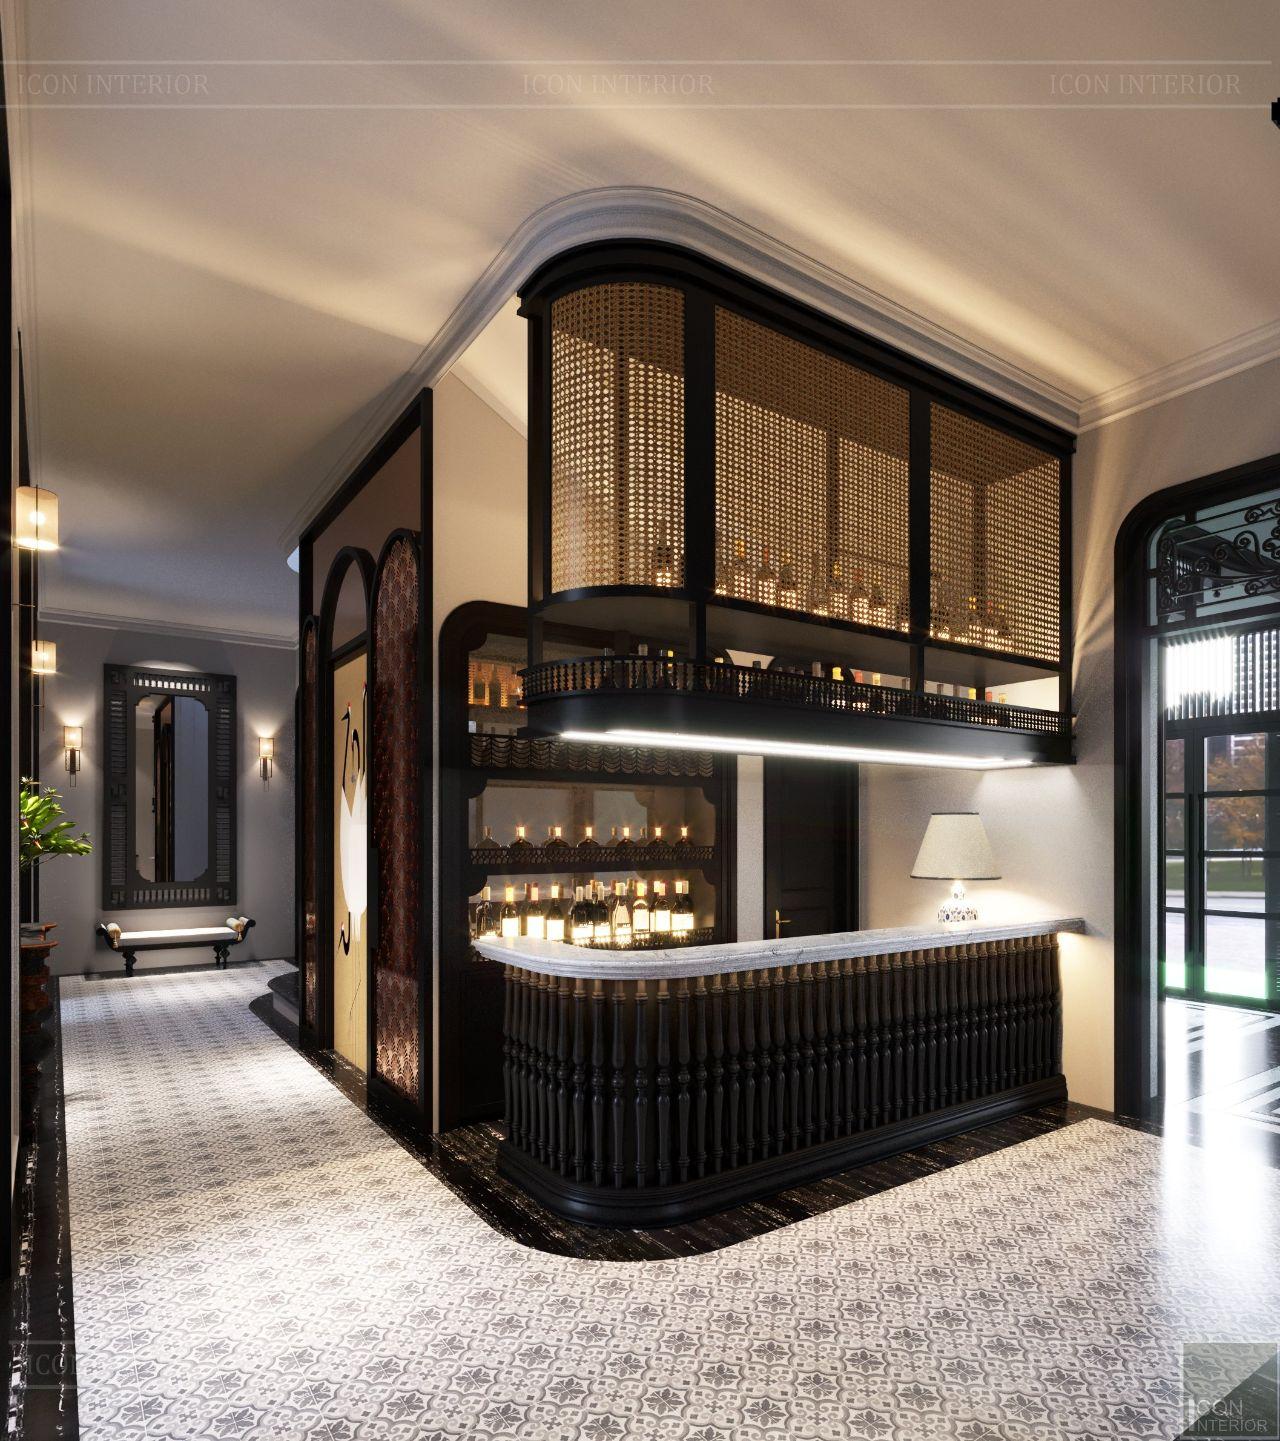 thiết kế nội thất biệt thự cao cấp 2 tầng